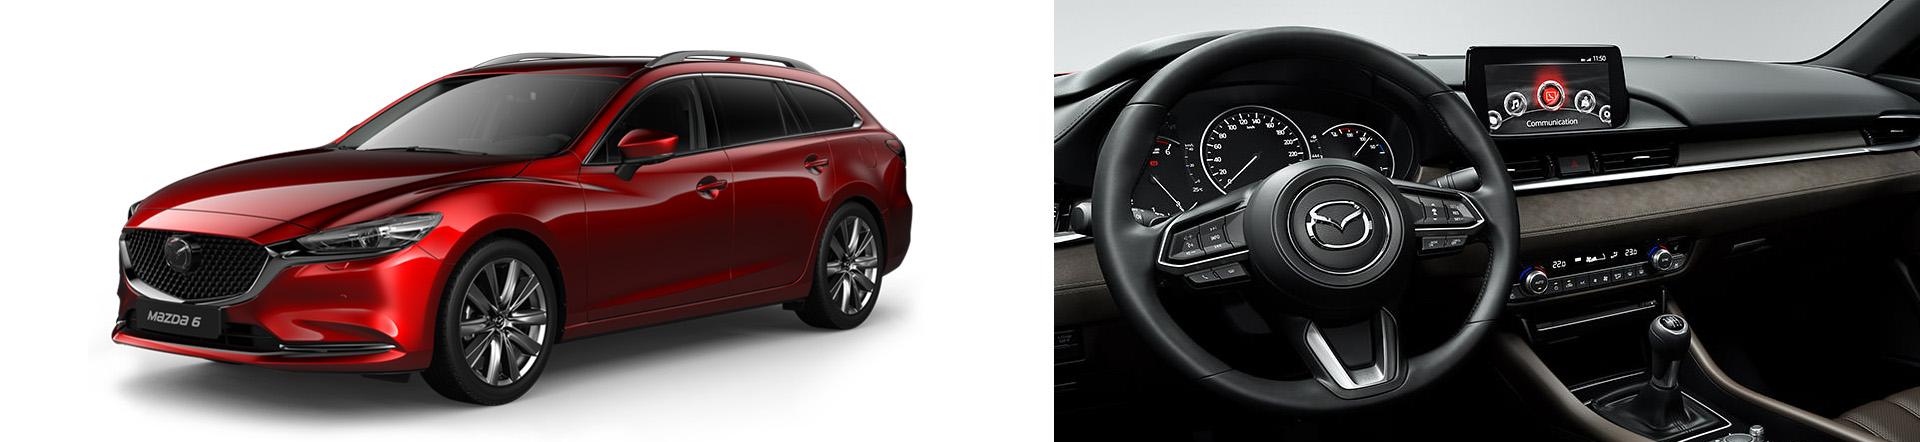 Mazda6 Sport Combi Modellabbildungen, Modellfarbe rot und Innenansicht